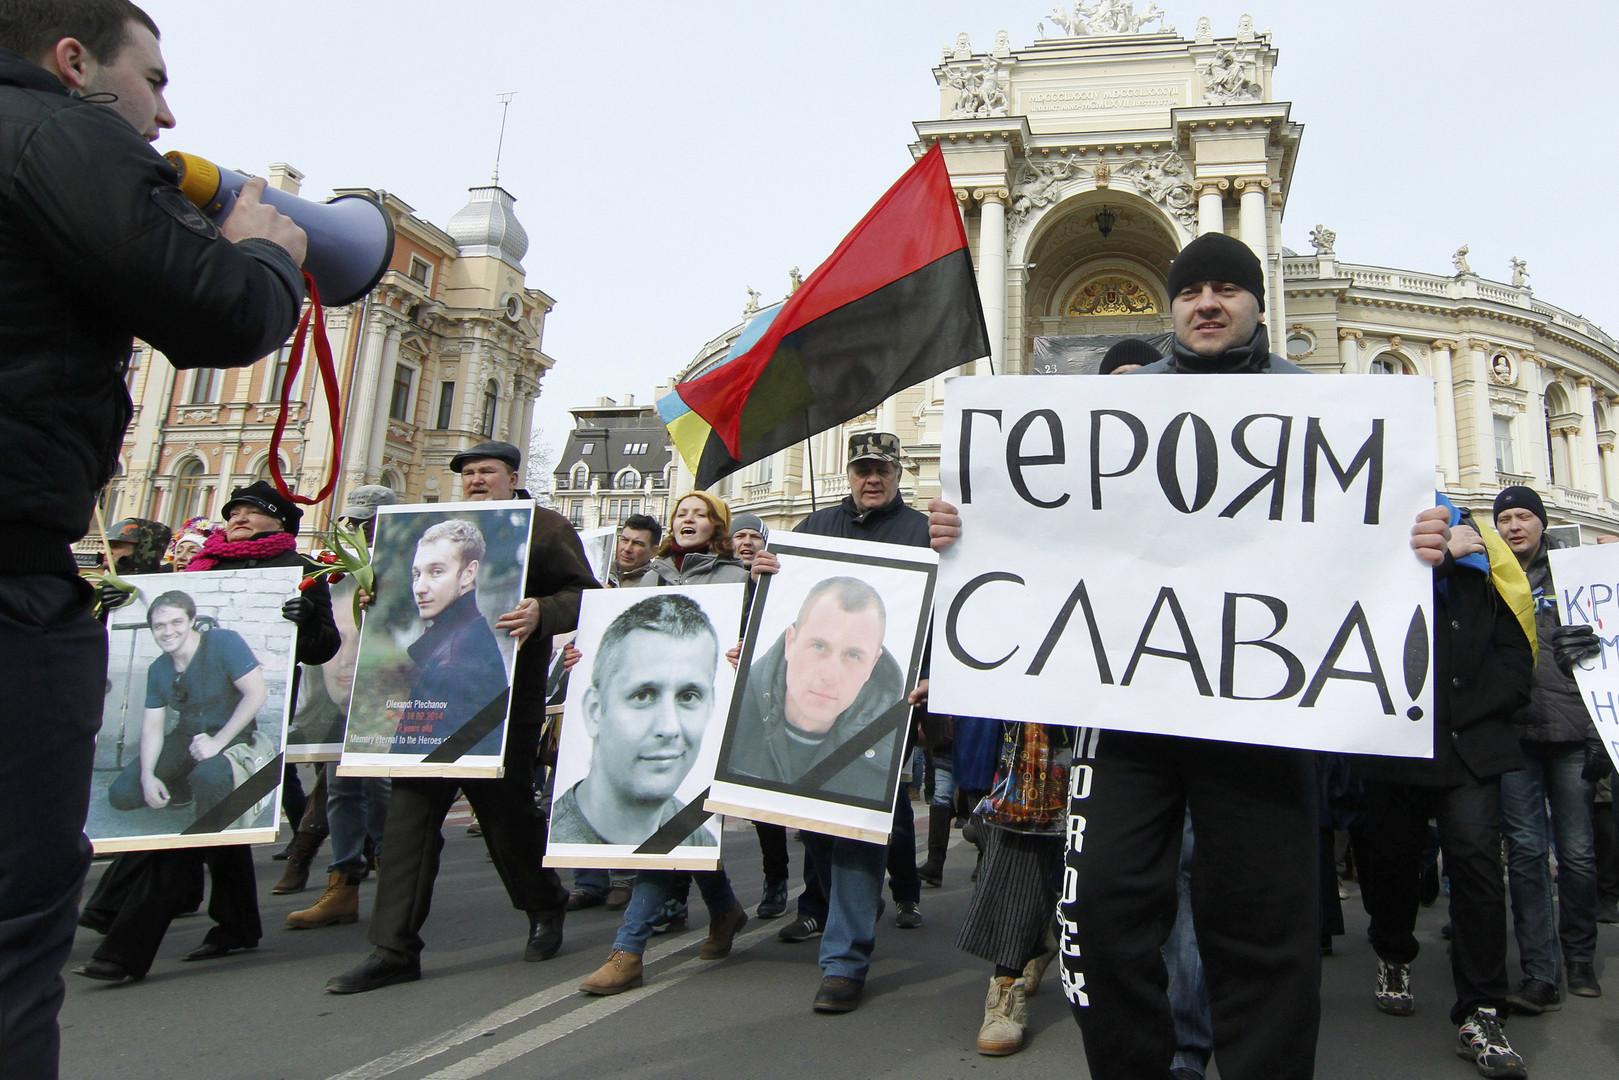 Героям слава: на Украине высшую награду чаще всего получают депутаты и чиновники